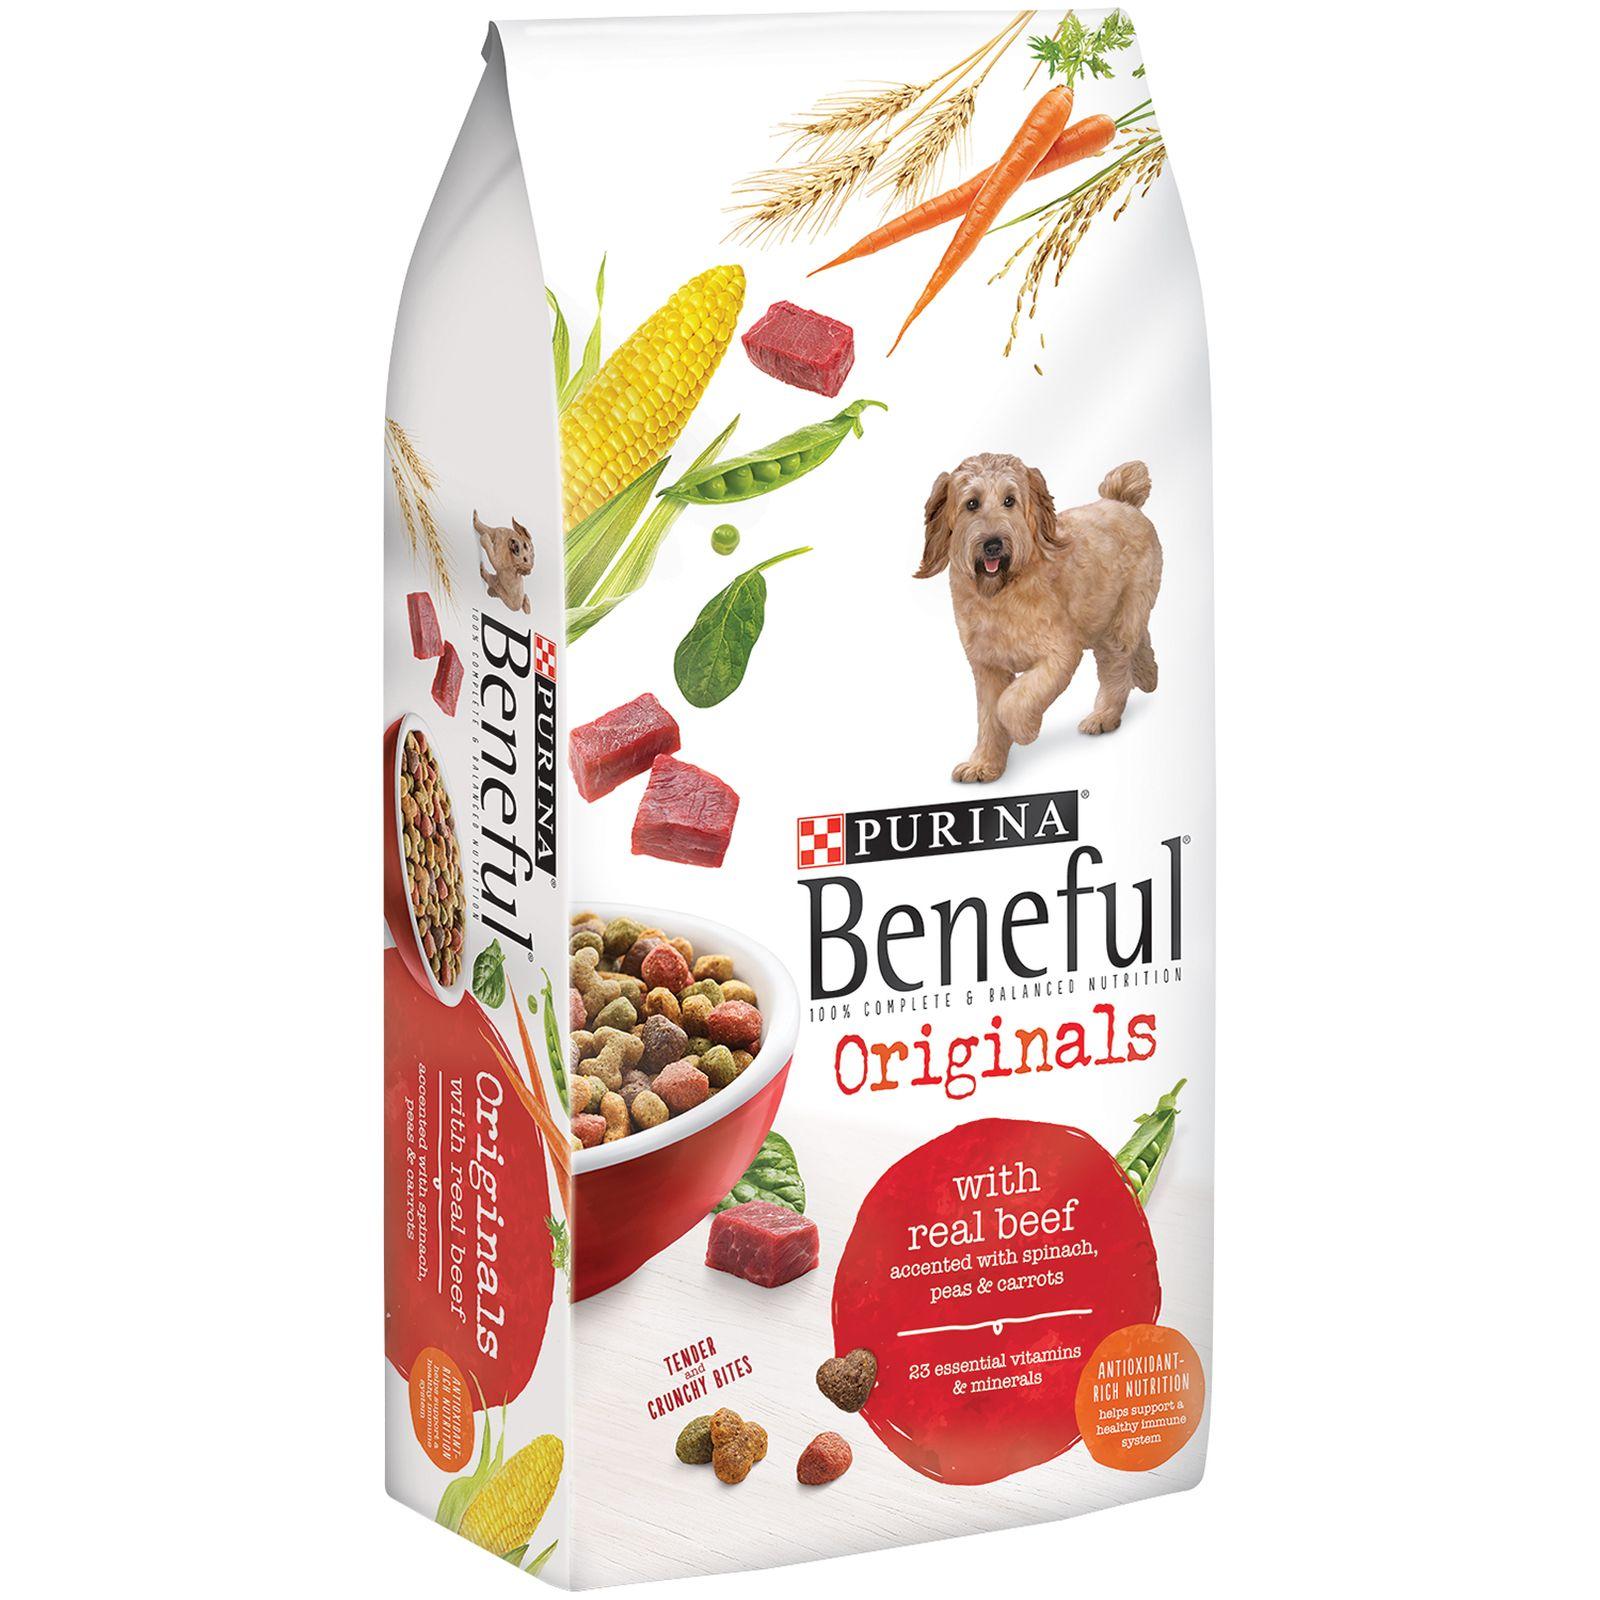 Beneful Originals With Beef Dog Food 3.5 lb. Bag im test